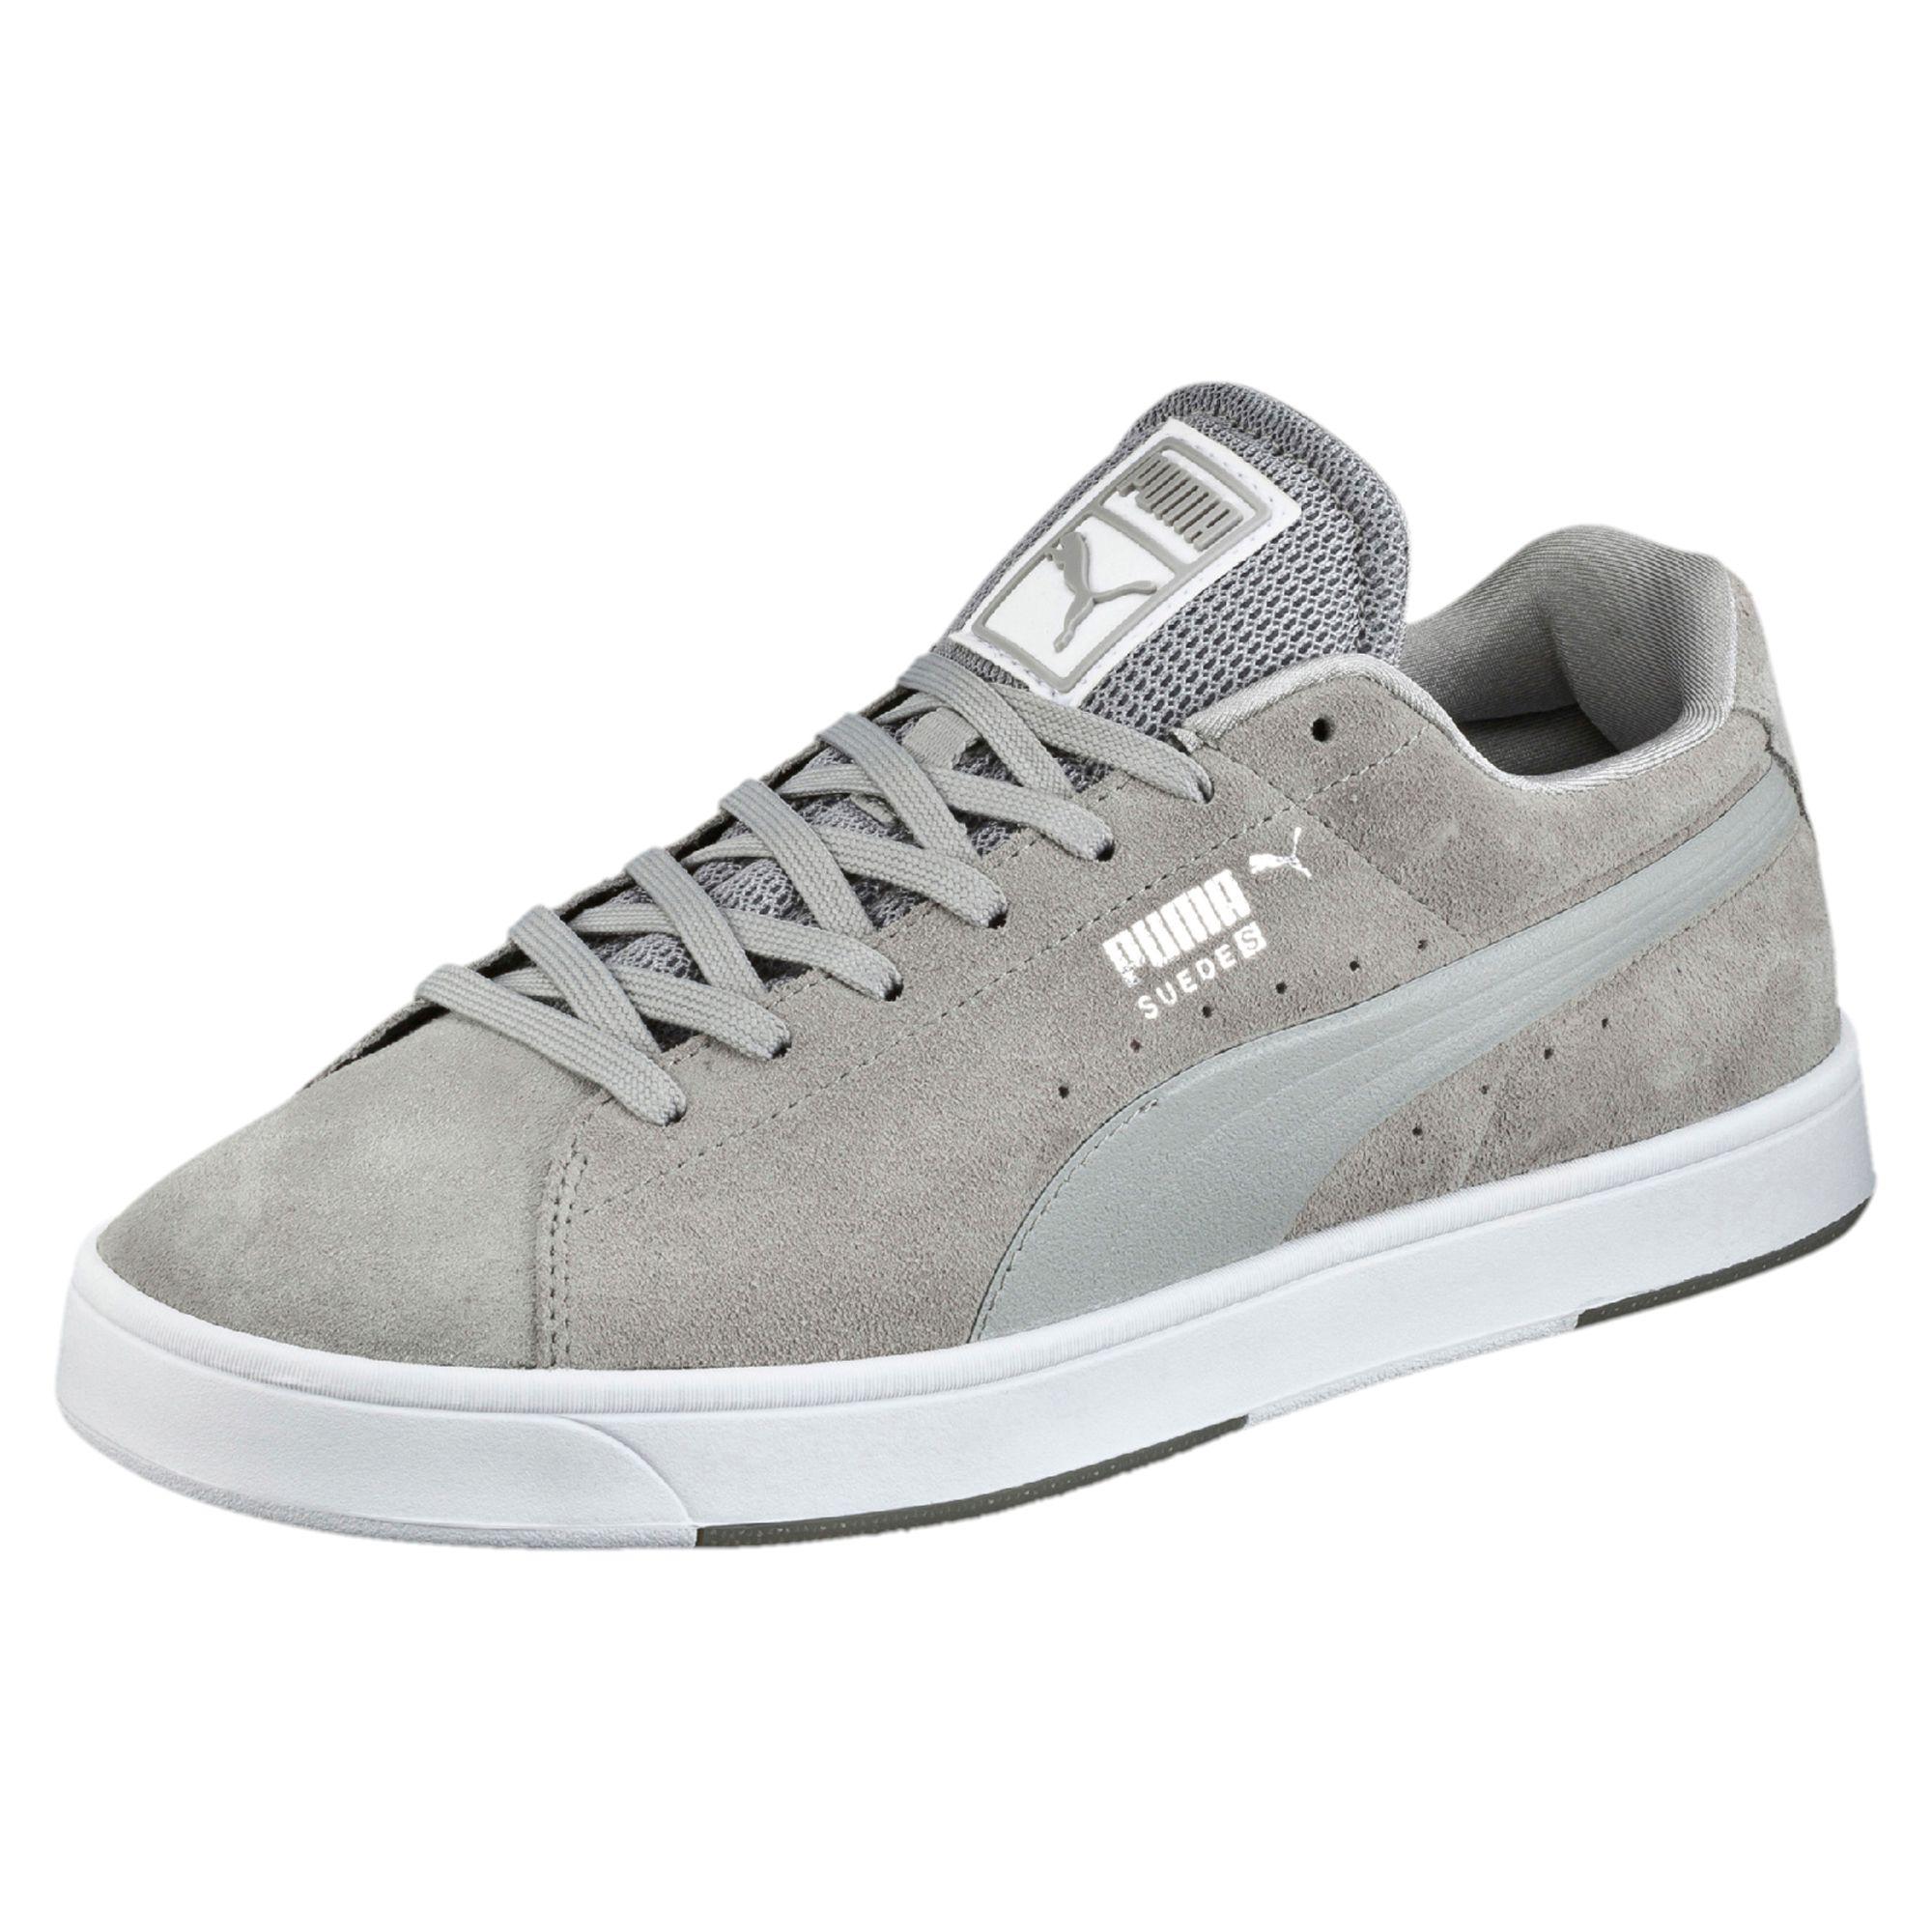 PUMA-Suede-S-Modern-Tech-Trainers-Footwear-Sneakers-